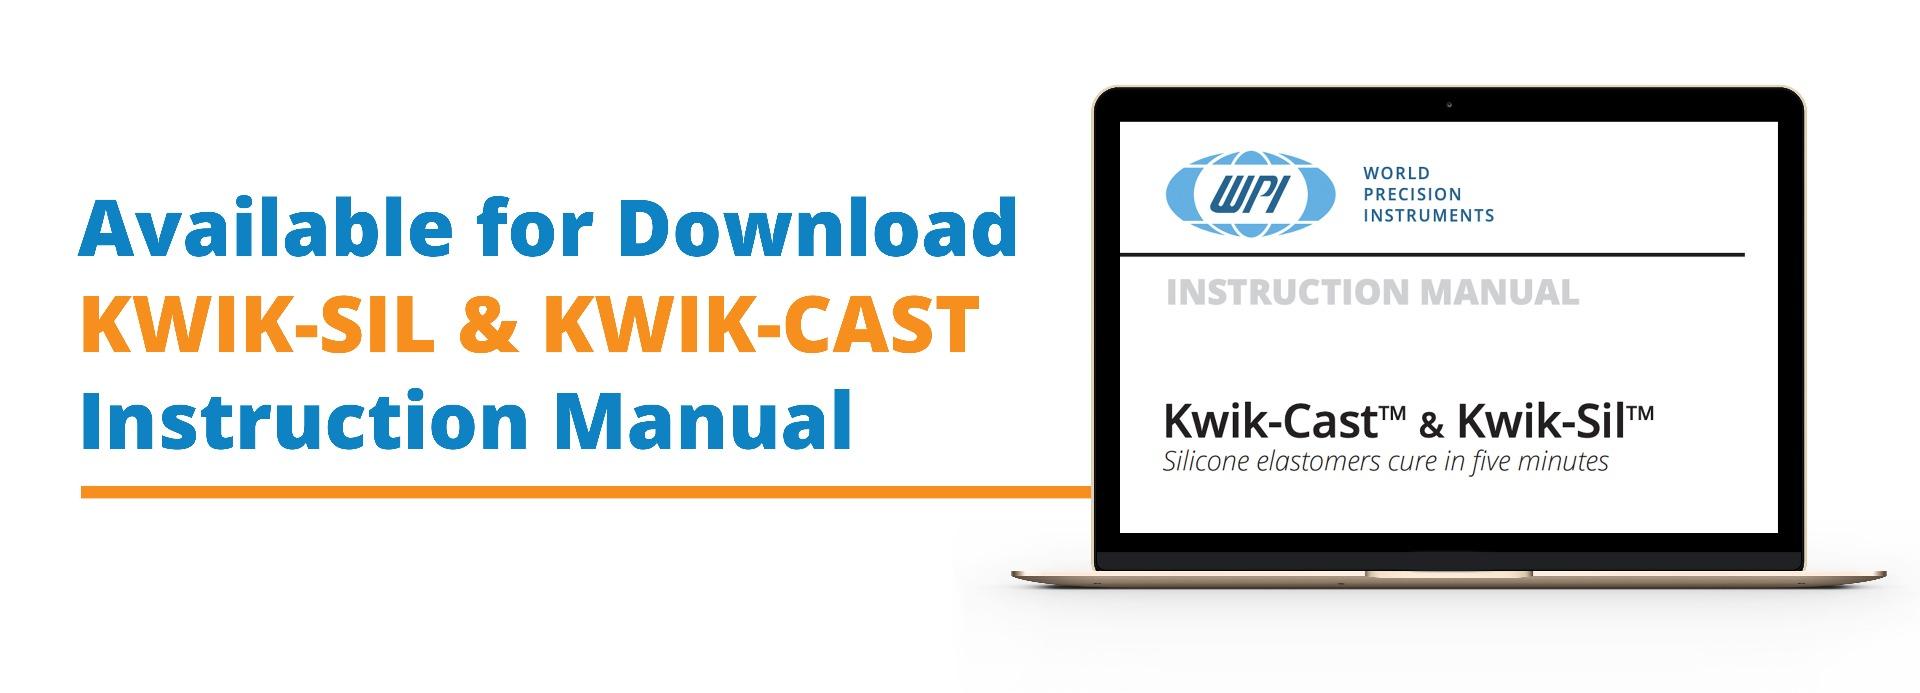 Kwik-Sil Kwik-Cast Instruction Manual